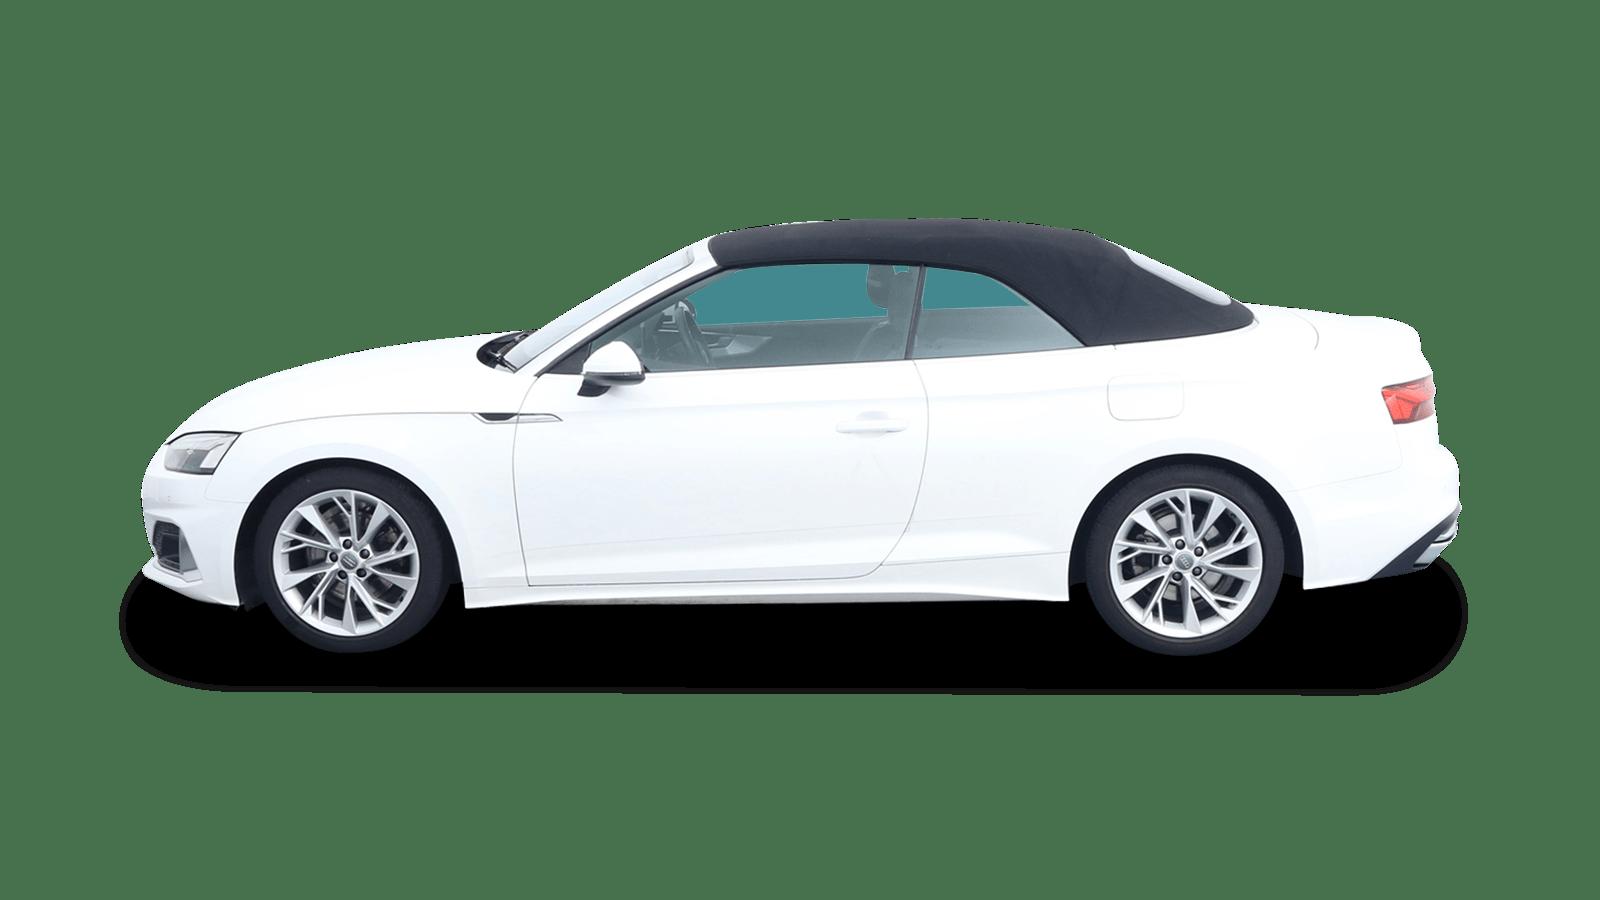 Audi A5 Cabriolet Weiss rückansicht - Clyde Auto-Abo